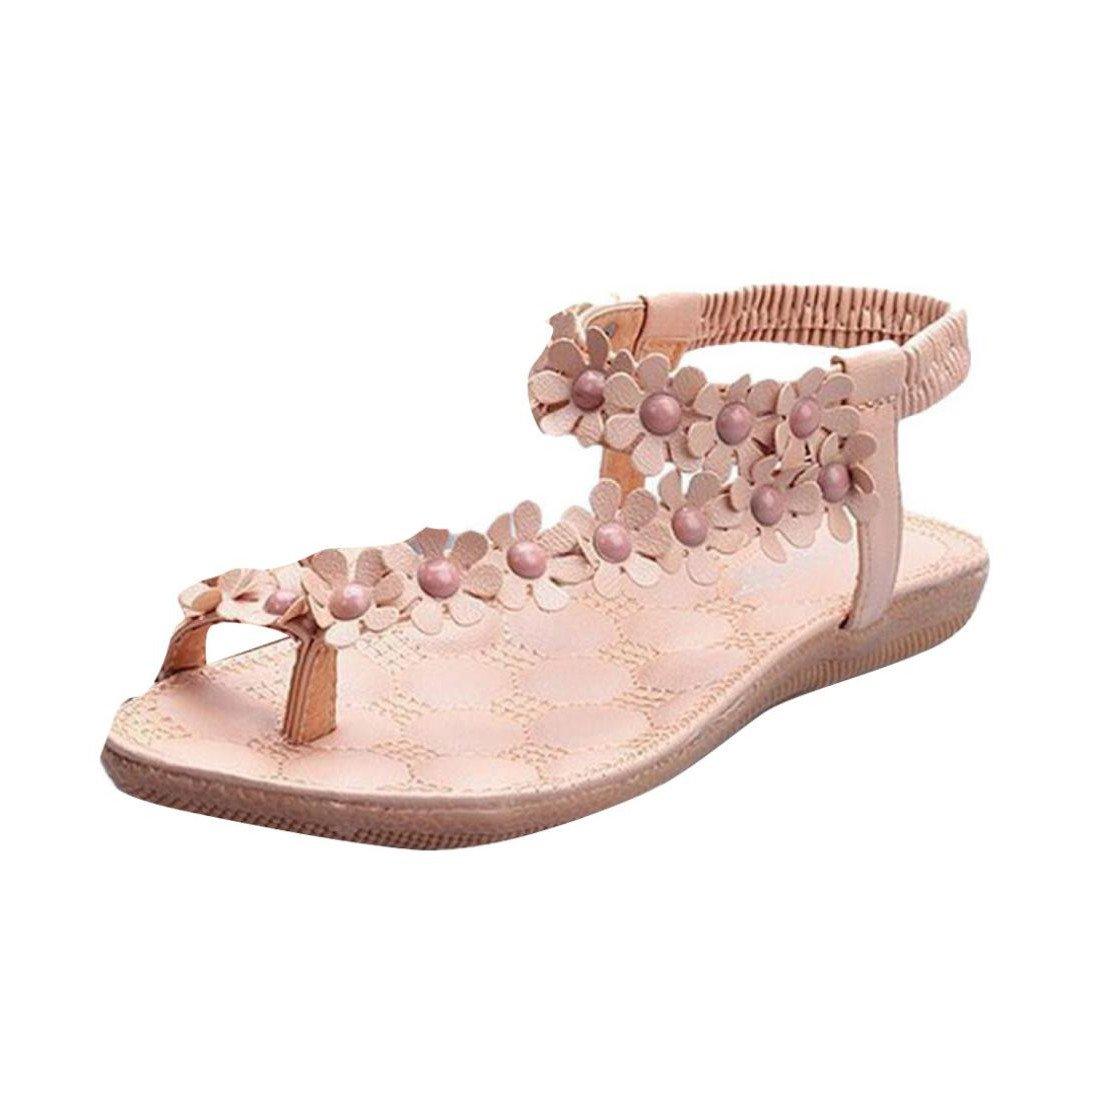 Btruely Sandalen Damen Sommer Mode Bouml;hmen Sandalen Damen Flach Sandalen Mauml;dchen Schuhe Flip Flops Blume Strandschuhe  38|Wei? 1